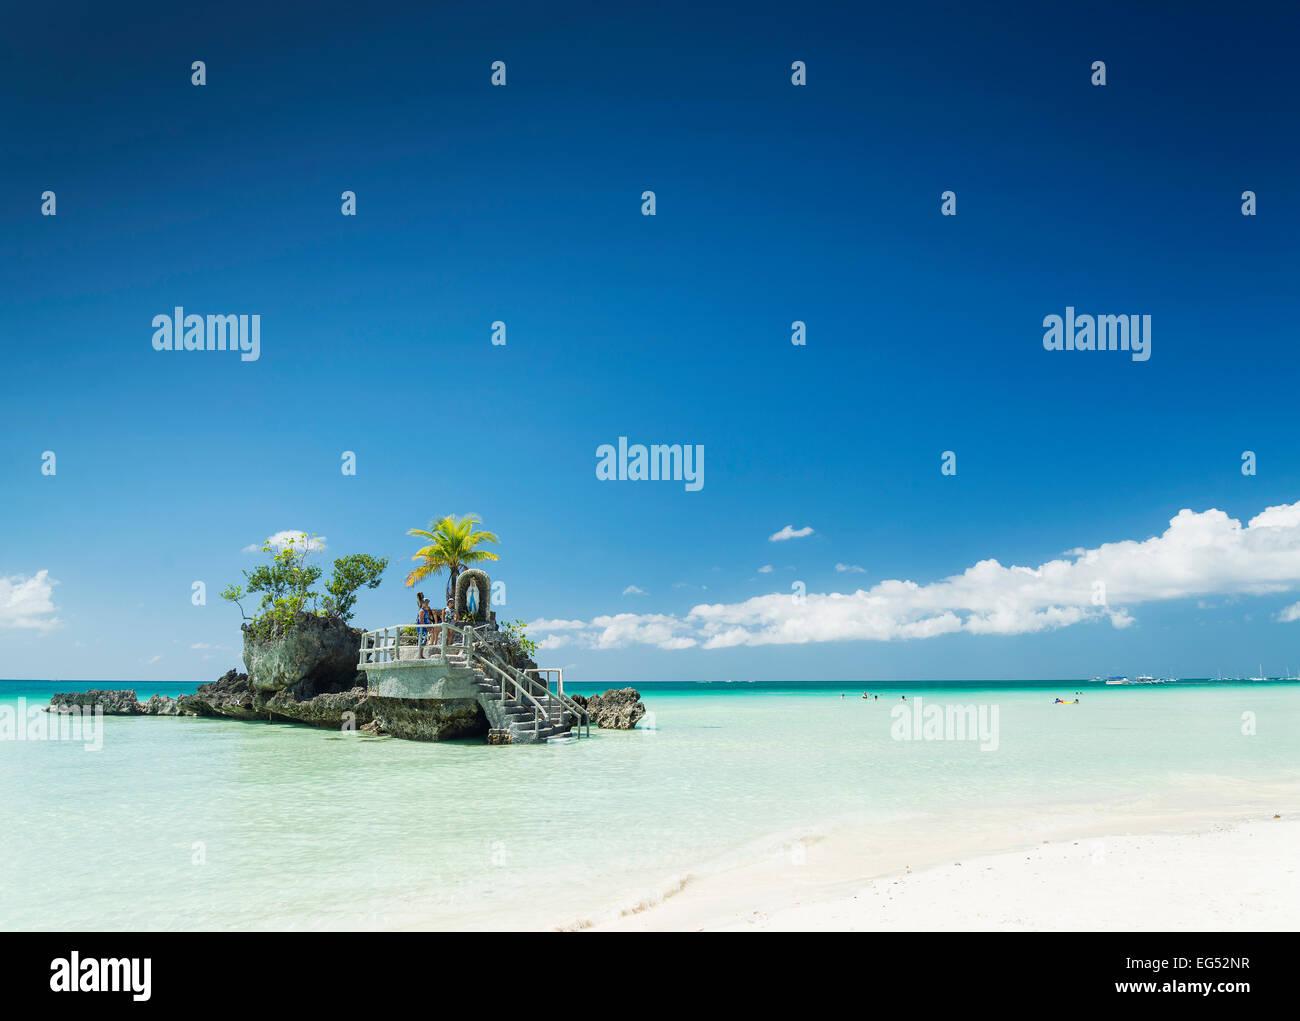 Playa blanca y santuario cristiano en la isla tropical de Boracay en Filipinas asia Foto de stock